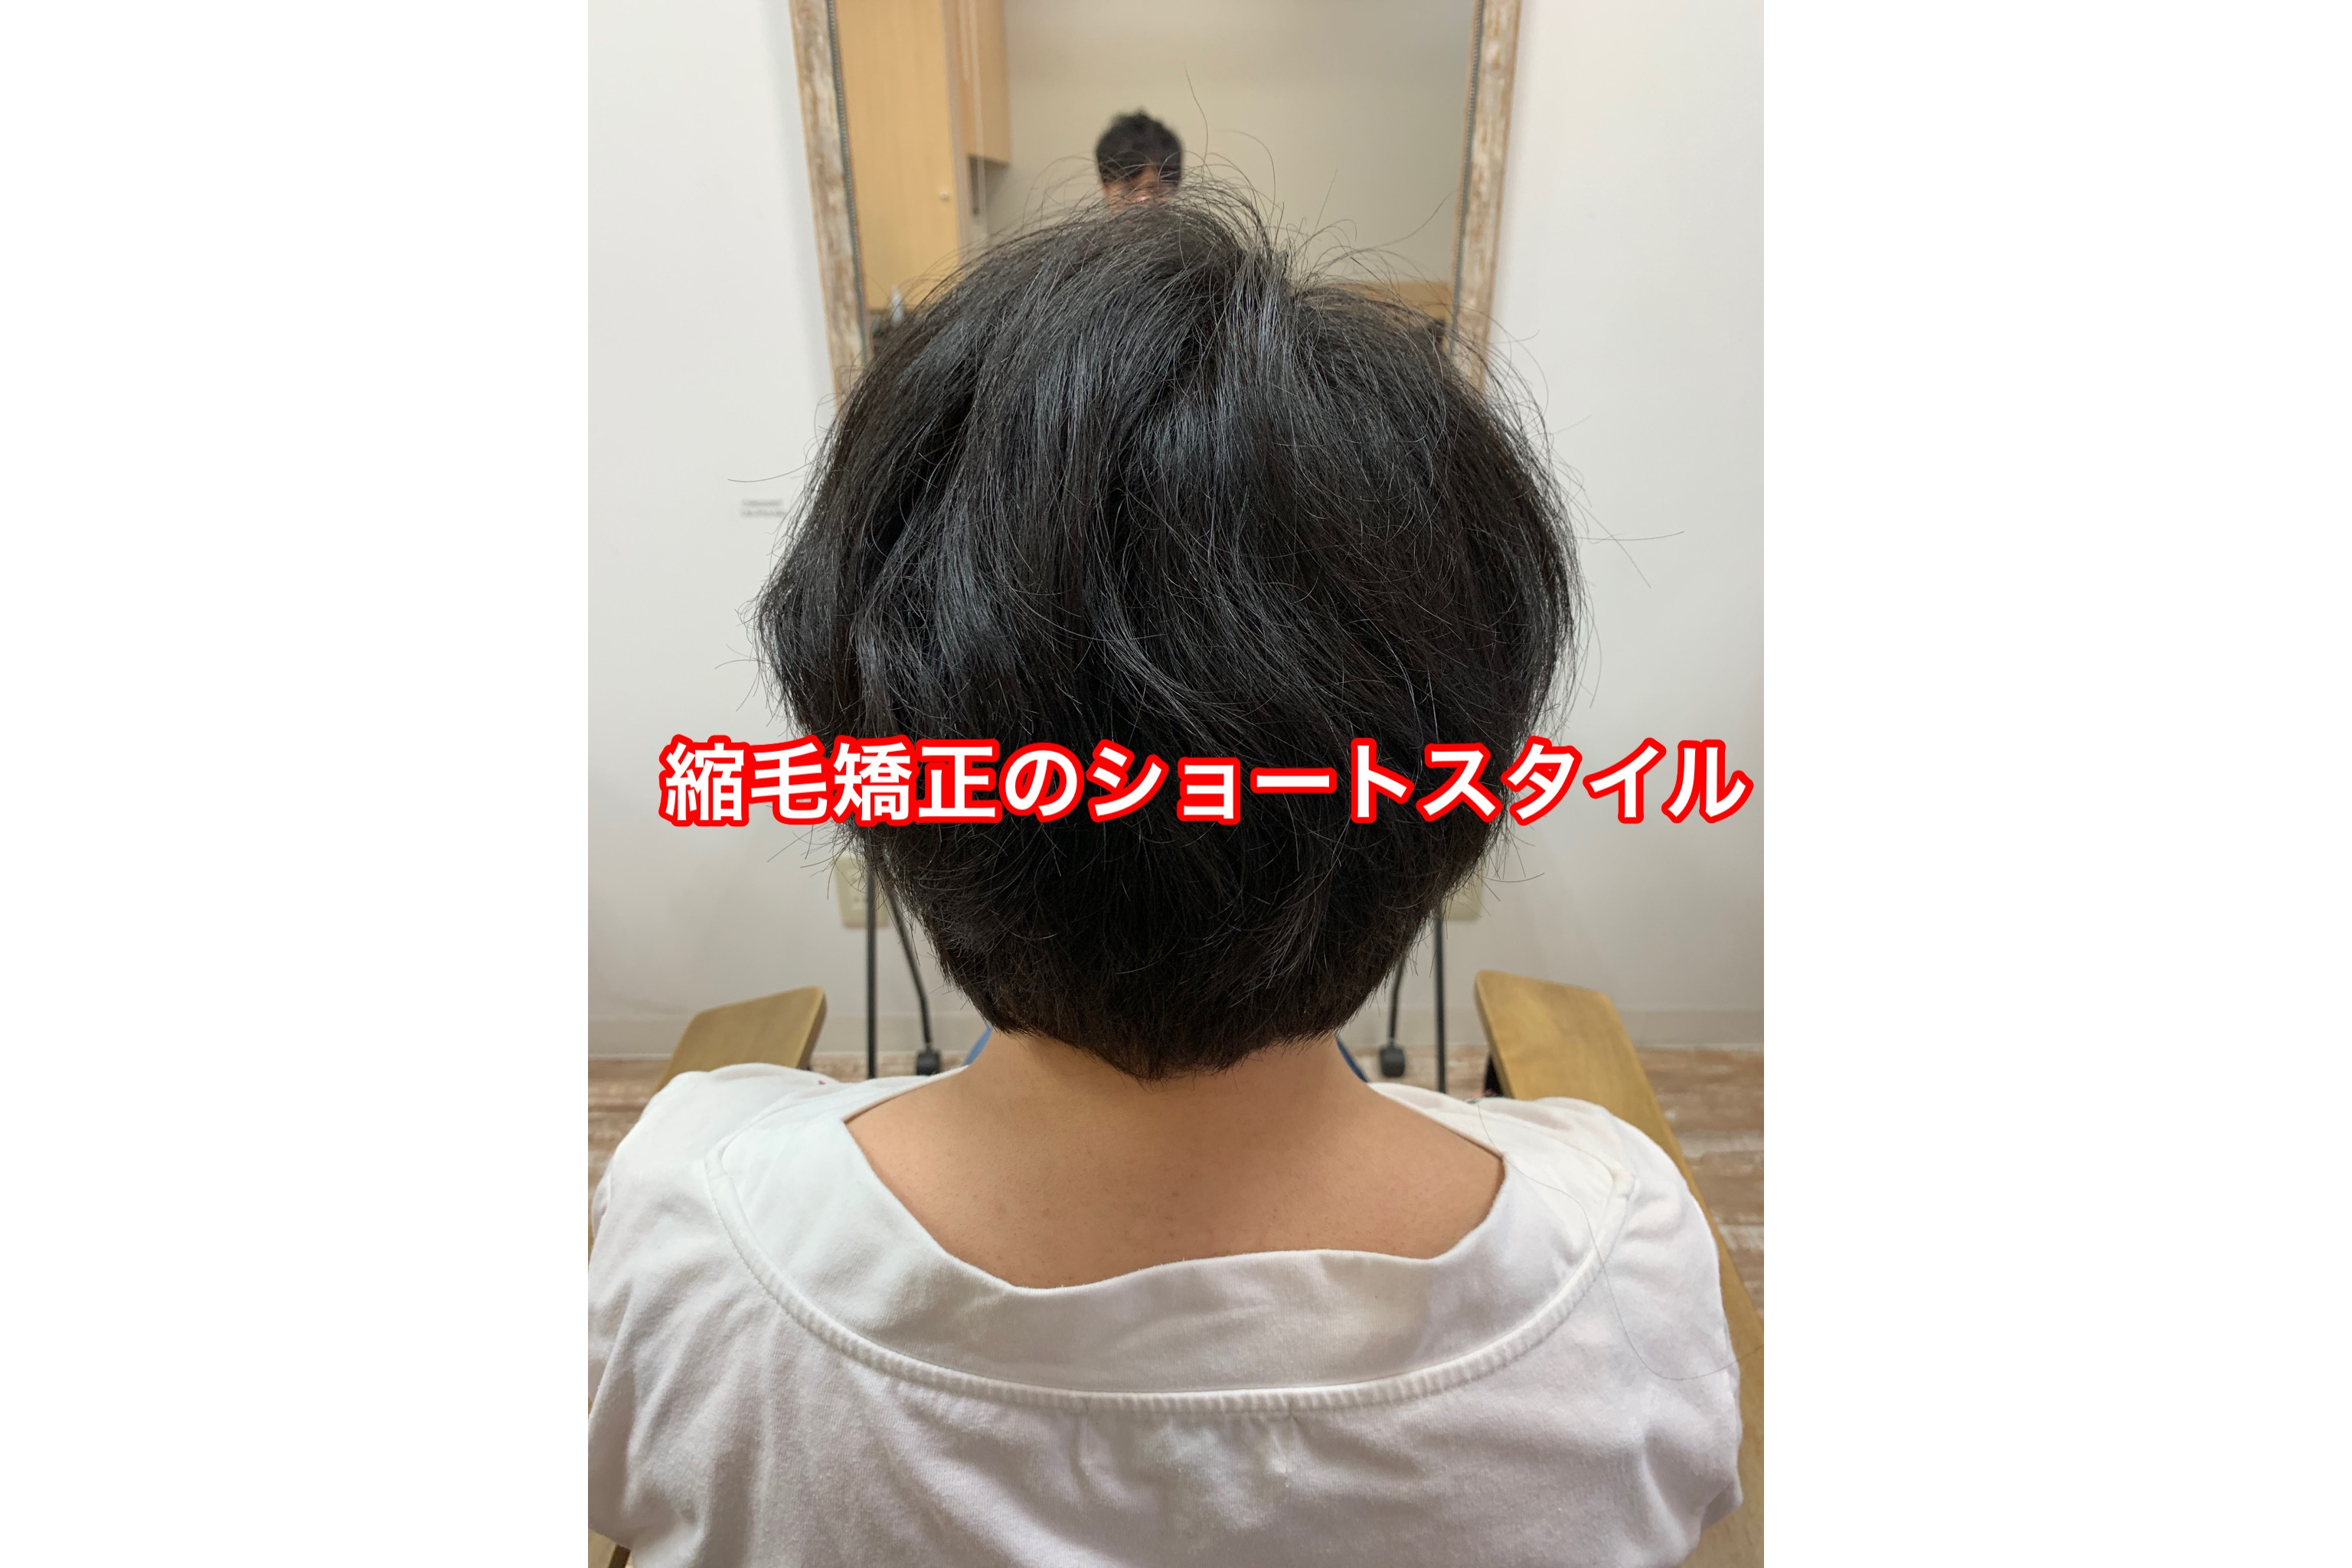 縮毛矯正のショートスタイル。